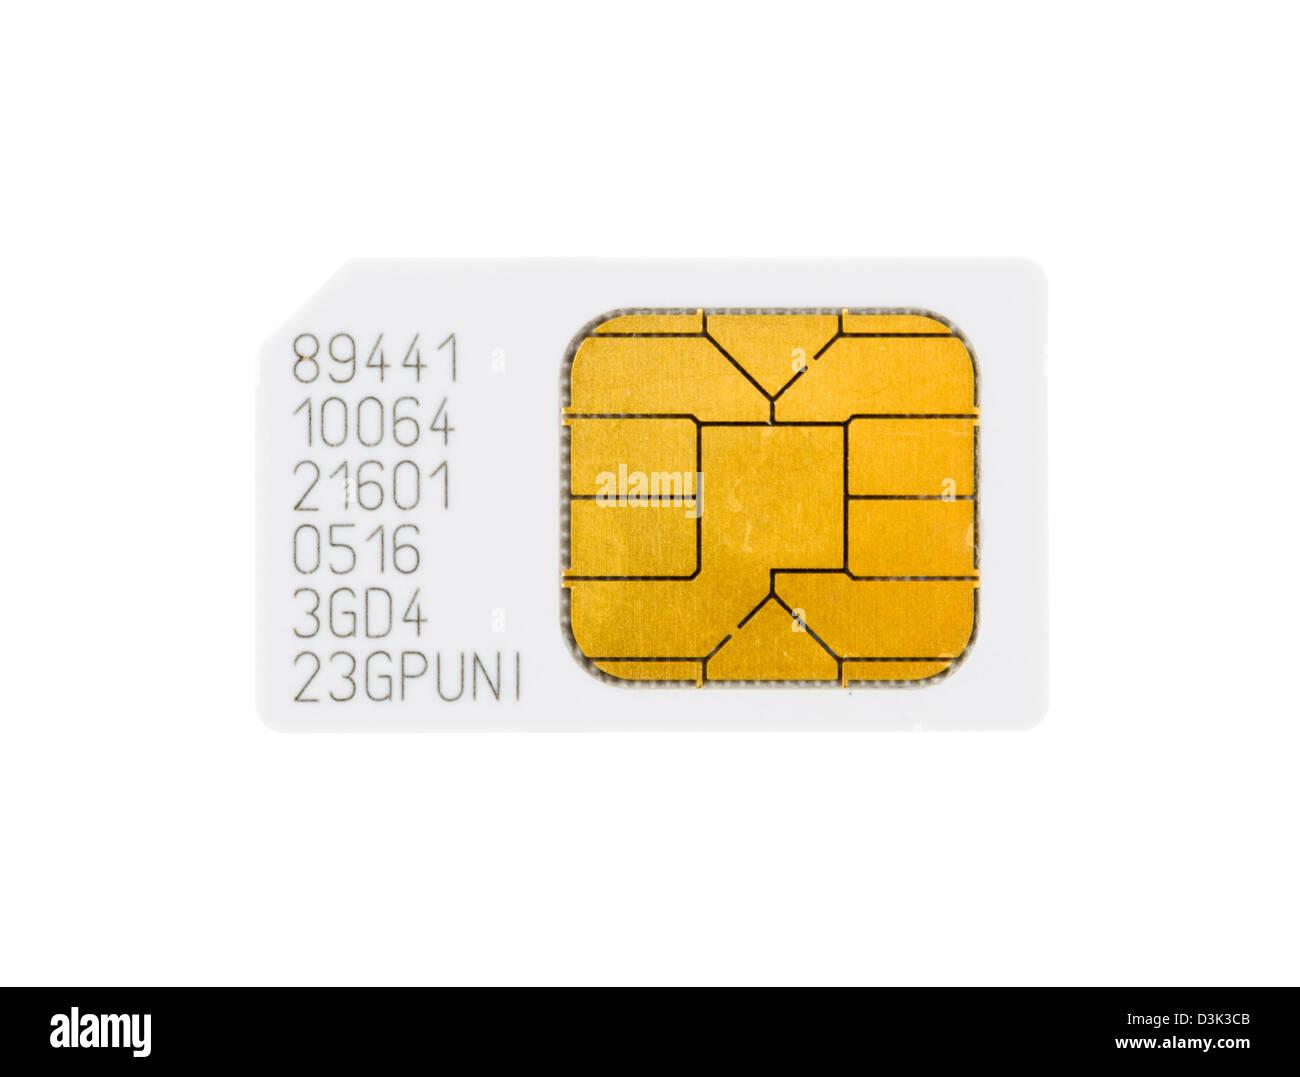 Eine SIM-Karte für ein Mobiltelefon Stockbild